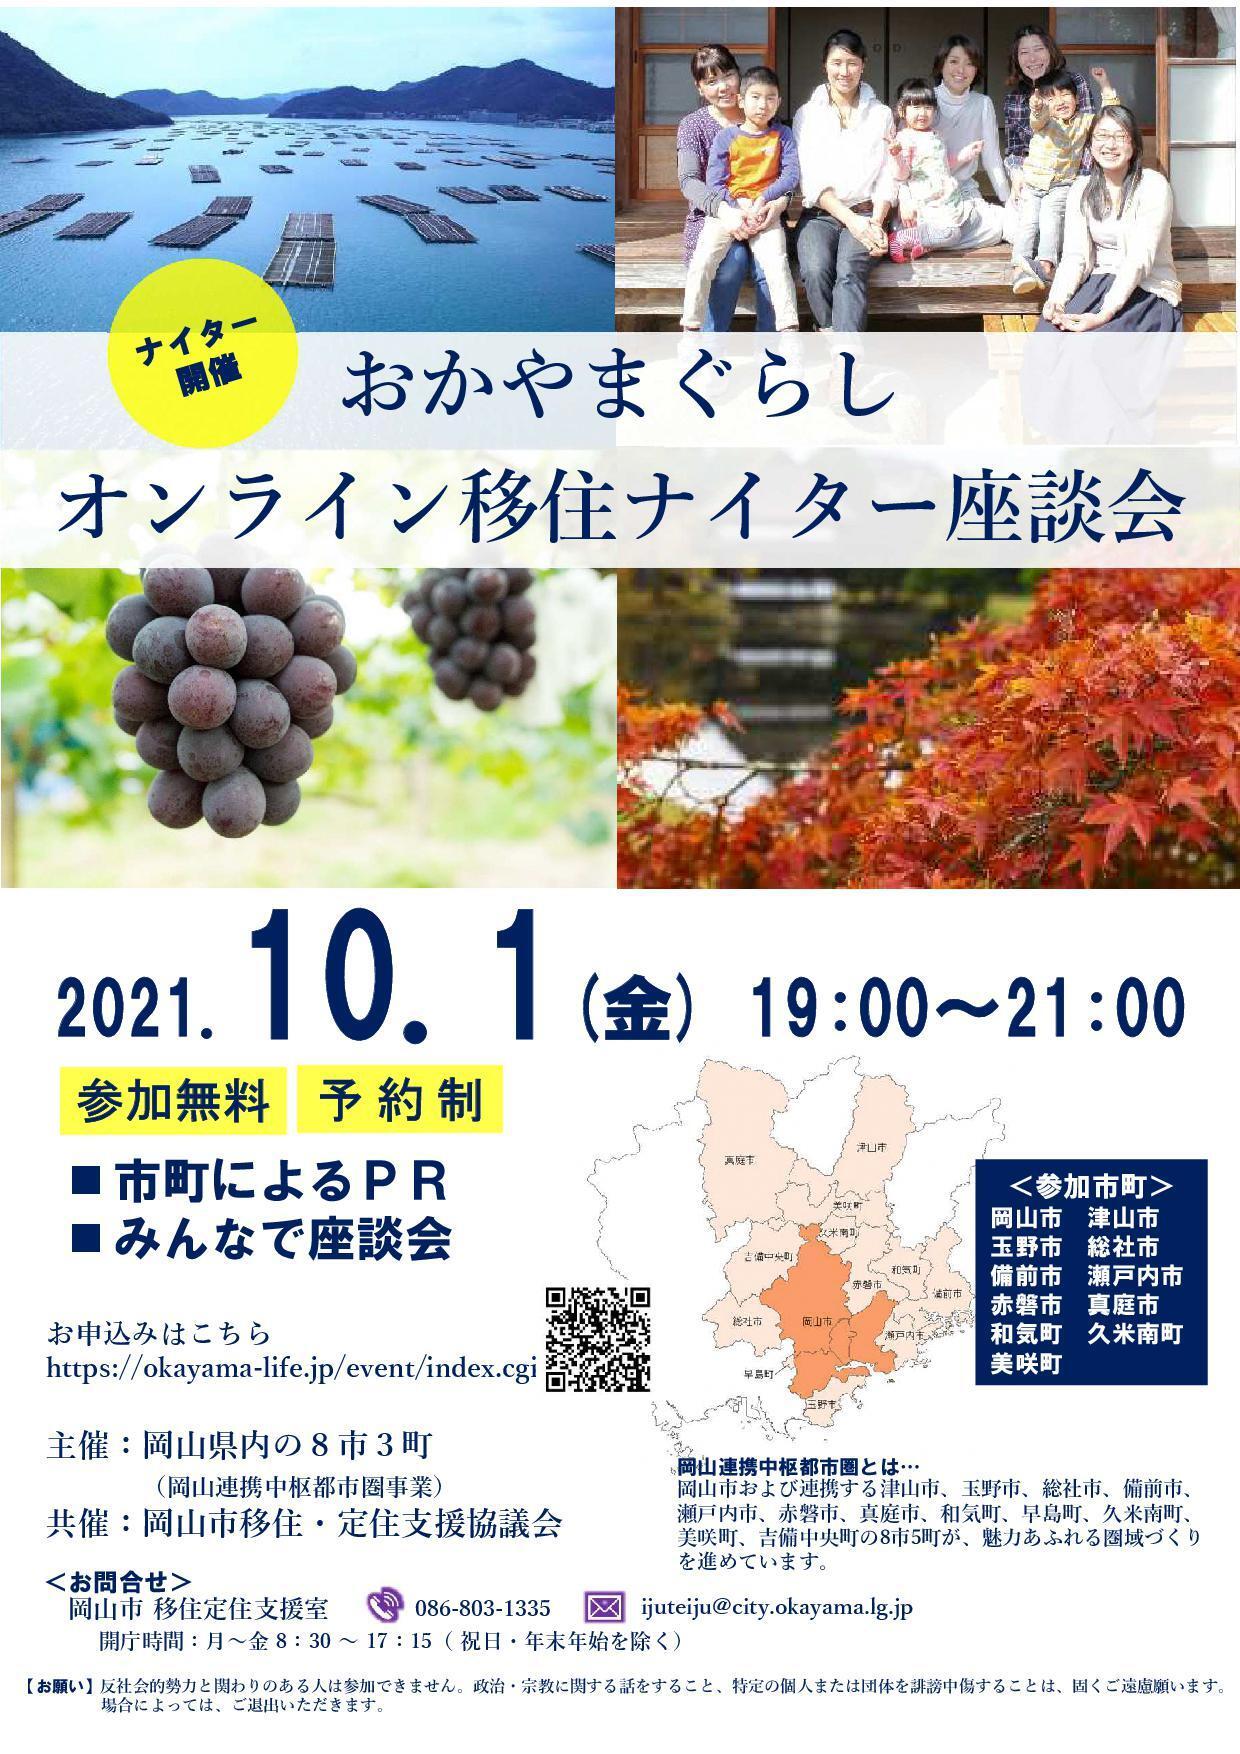 2021年10月1日(金)開催「おかやまぐらしオンライン移住ナイター座談会」に津山市も参加します!!